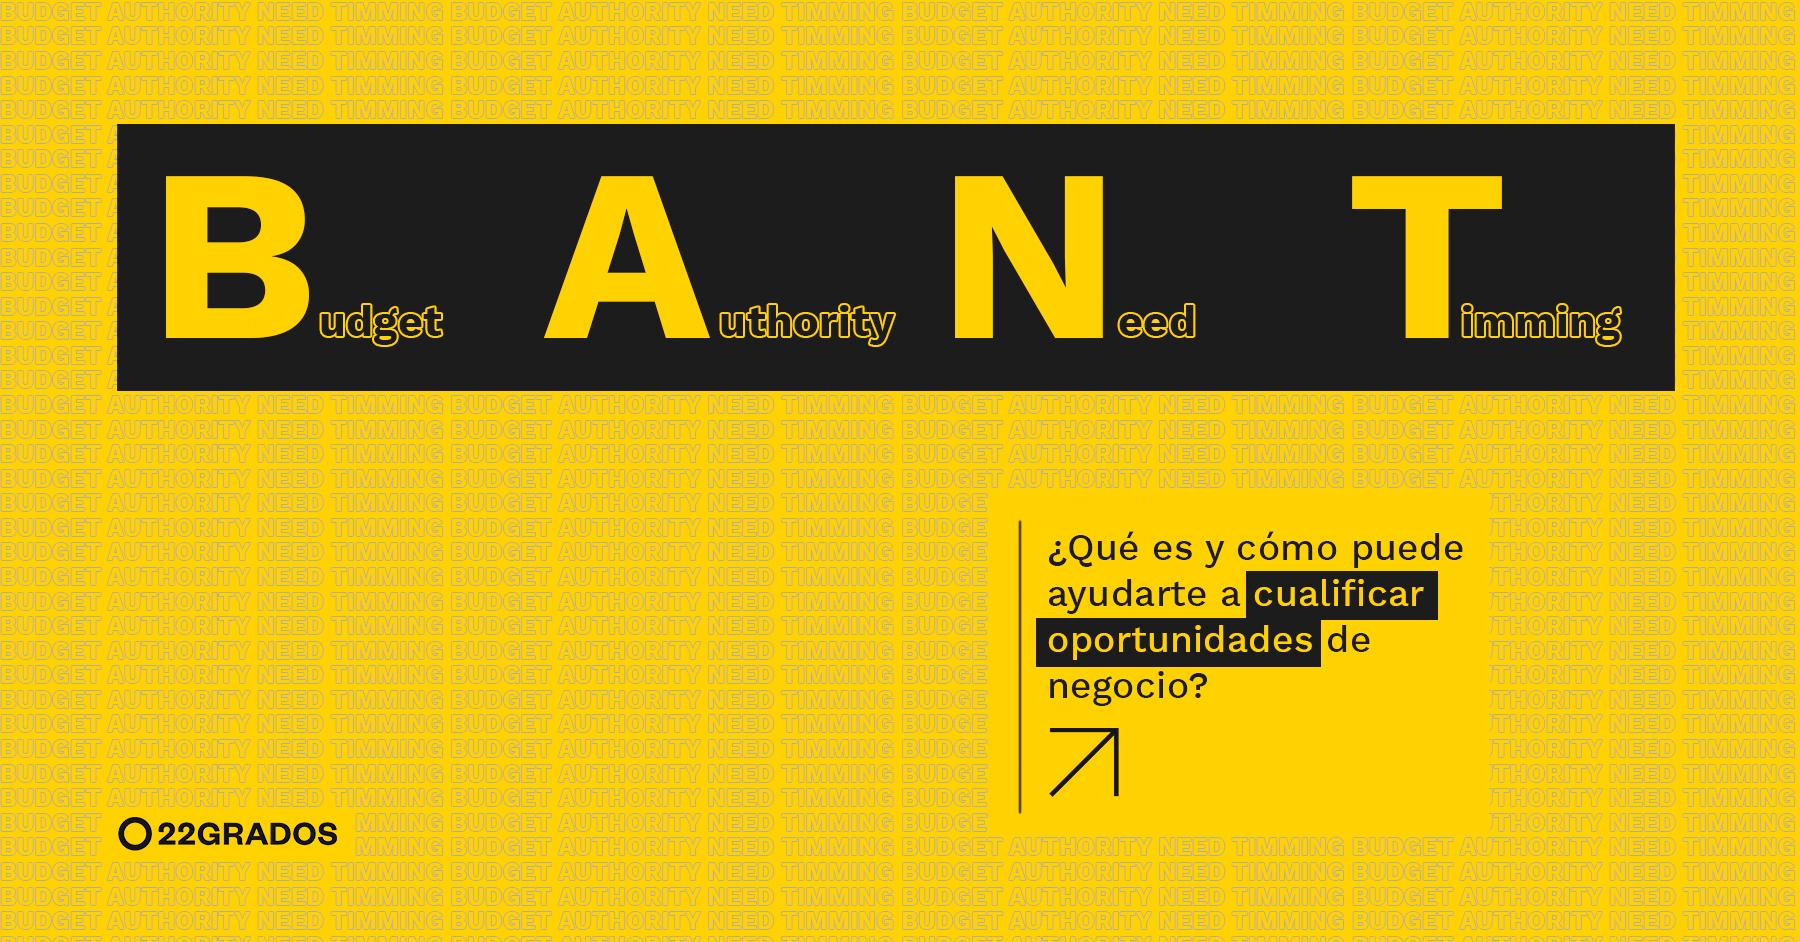 Método BANT: ¿Qué es y cómo puede ayudarte a cualificar oportunidades de negocio?